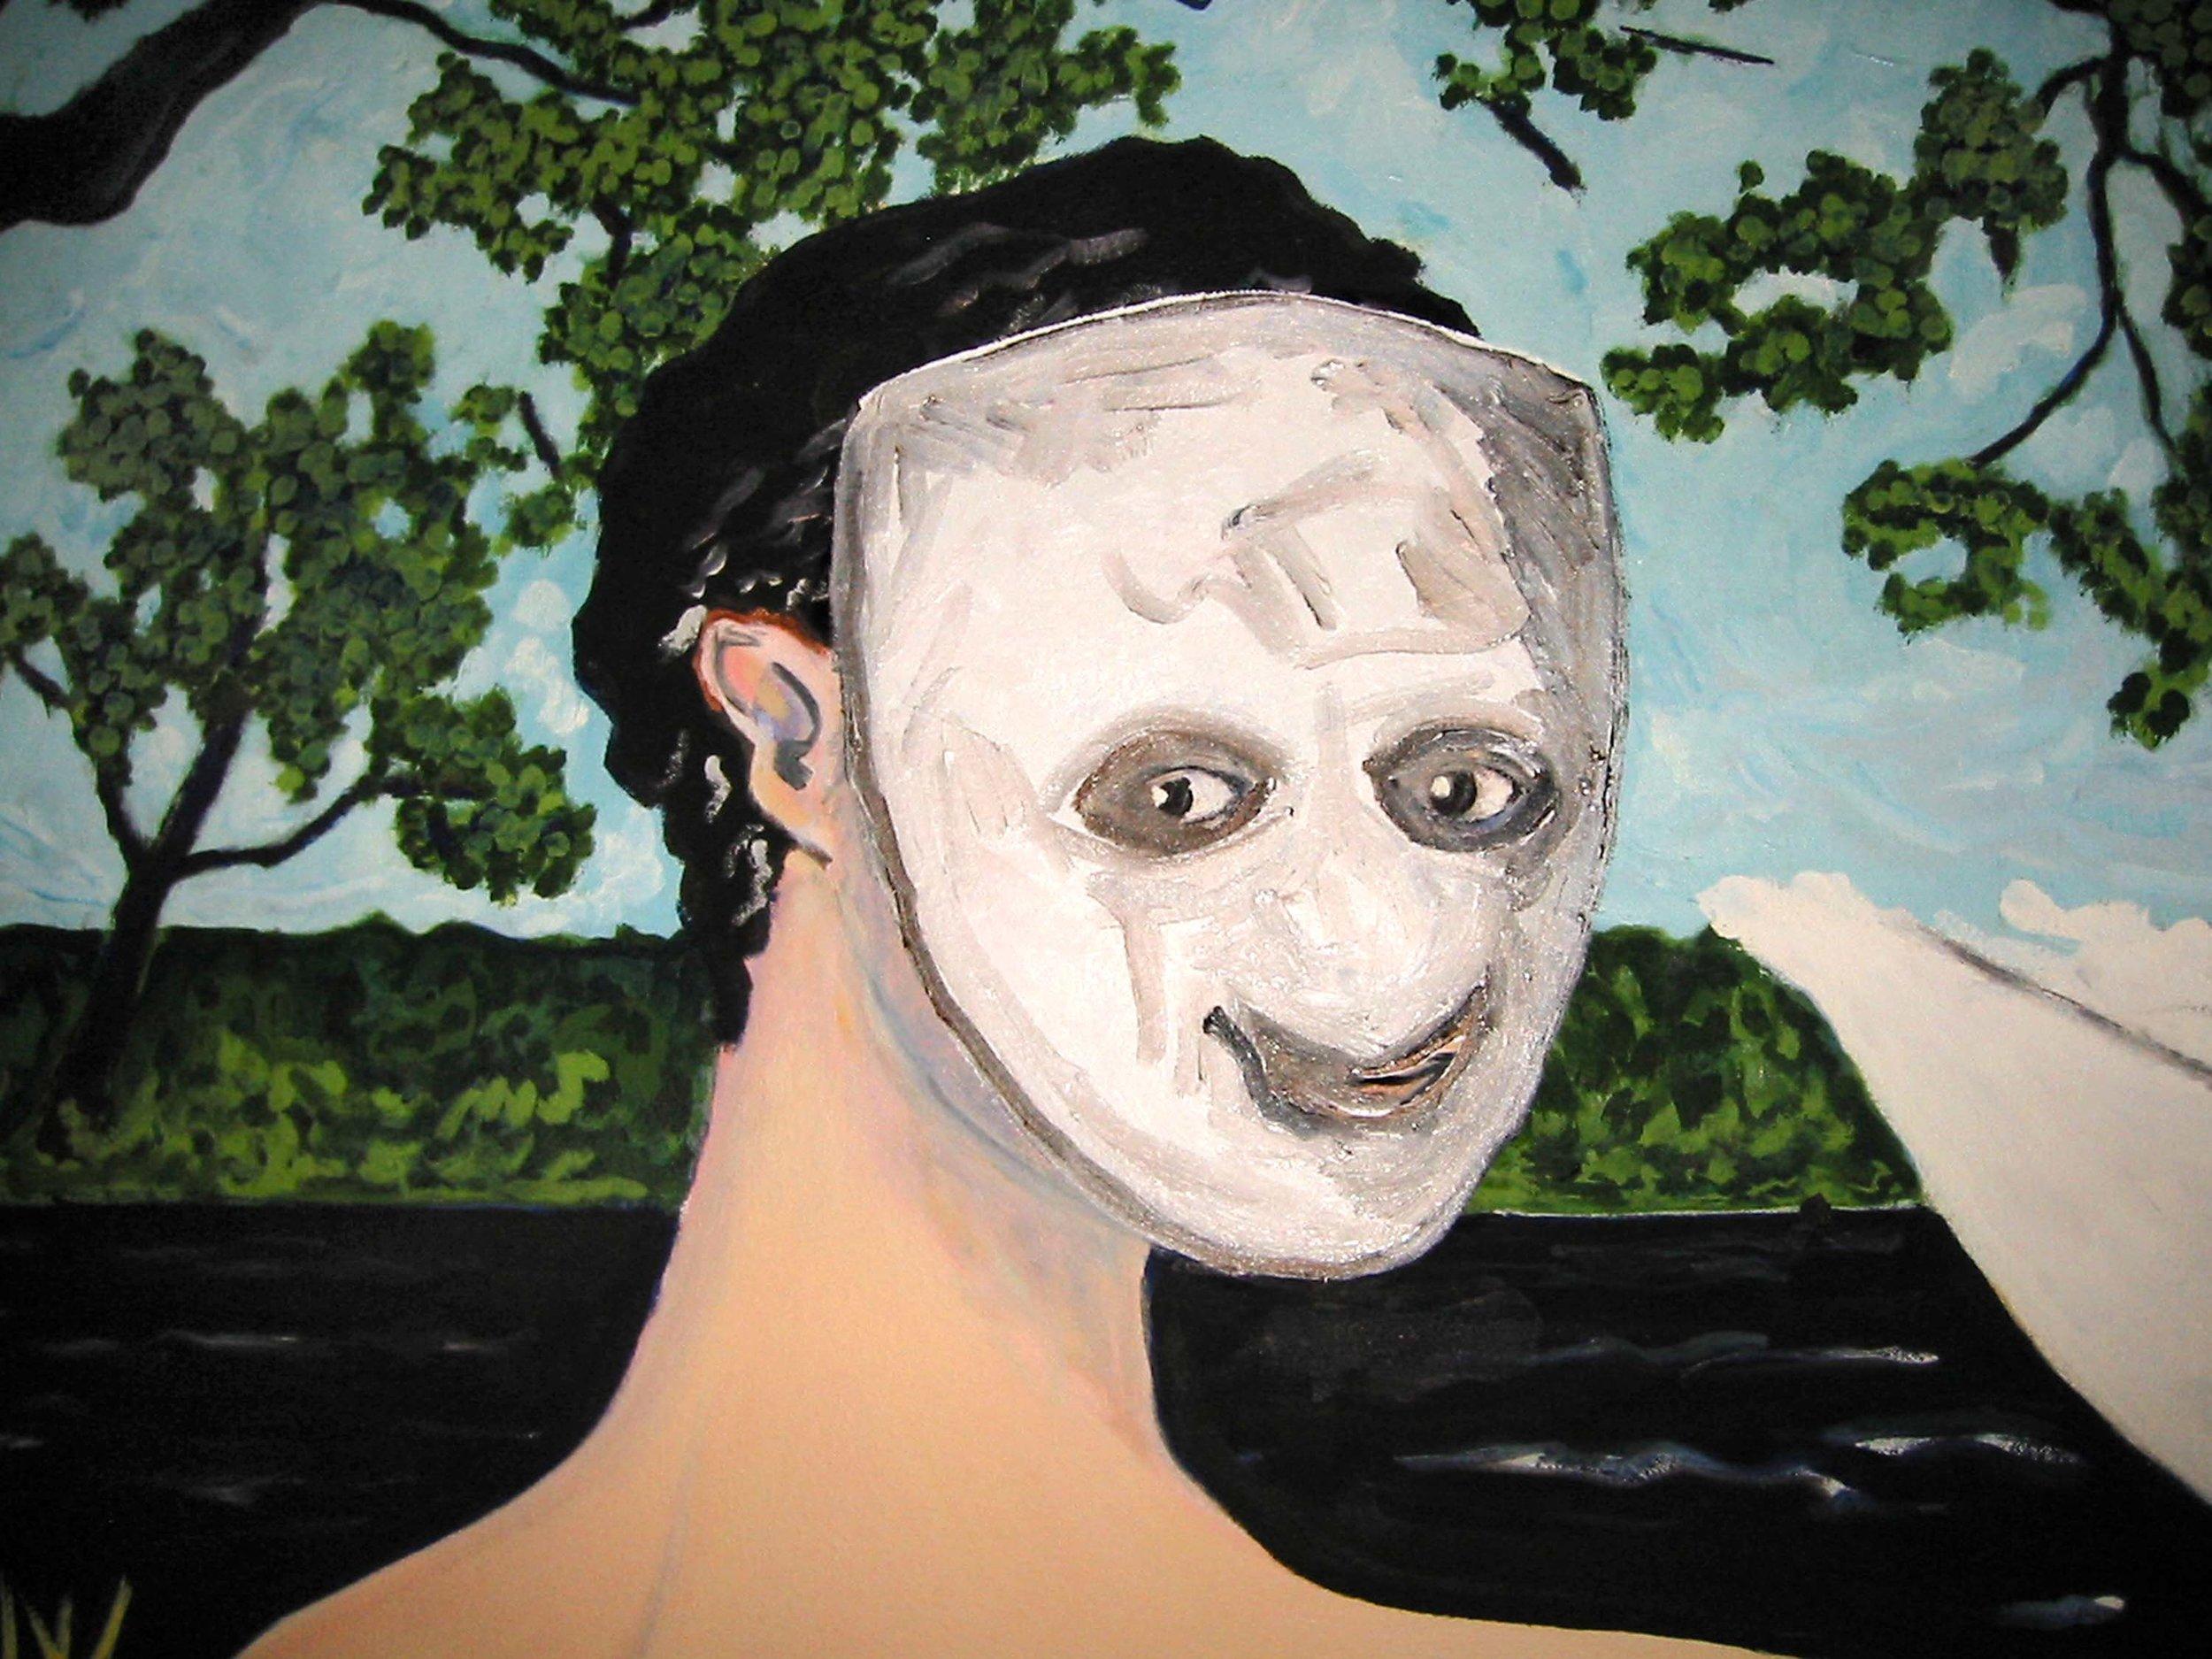 Léda  (détail), circa 2002, huile sur toile / oil on canvas